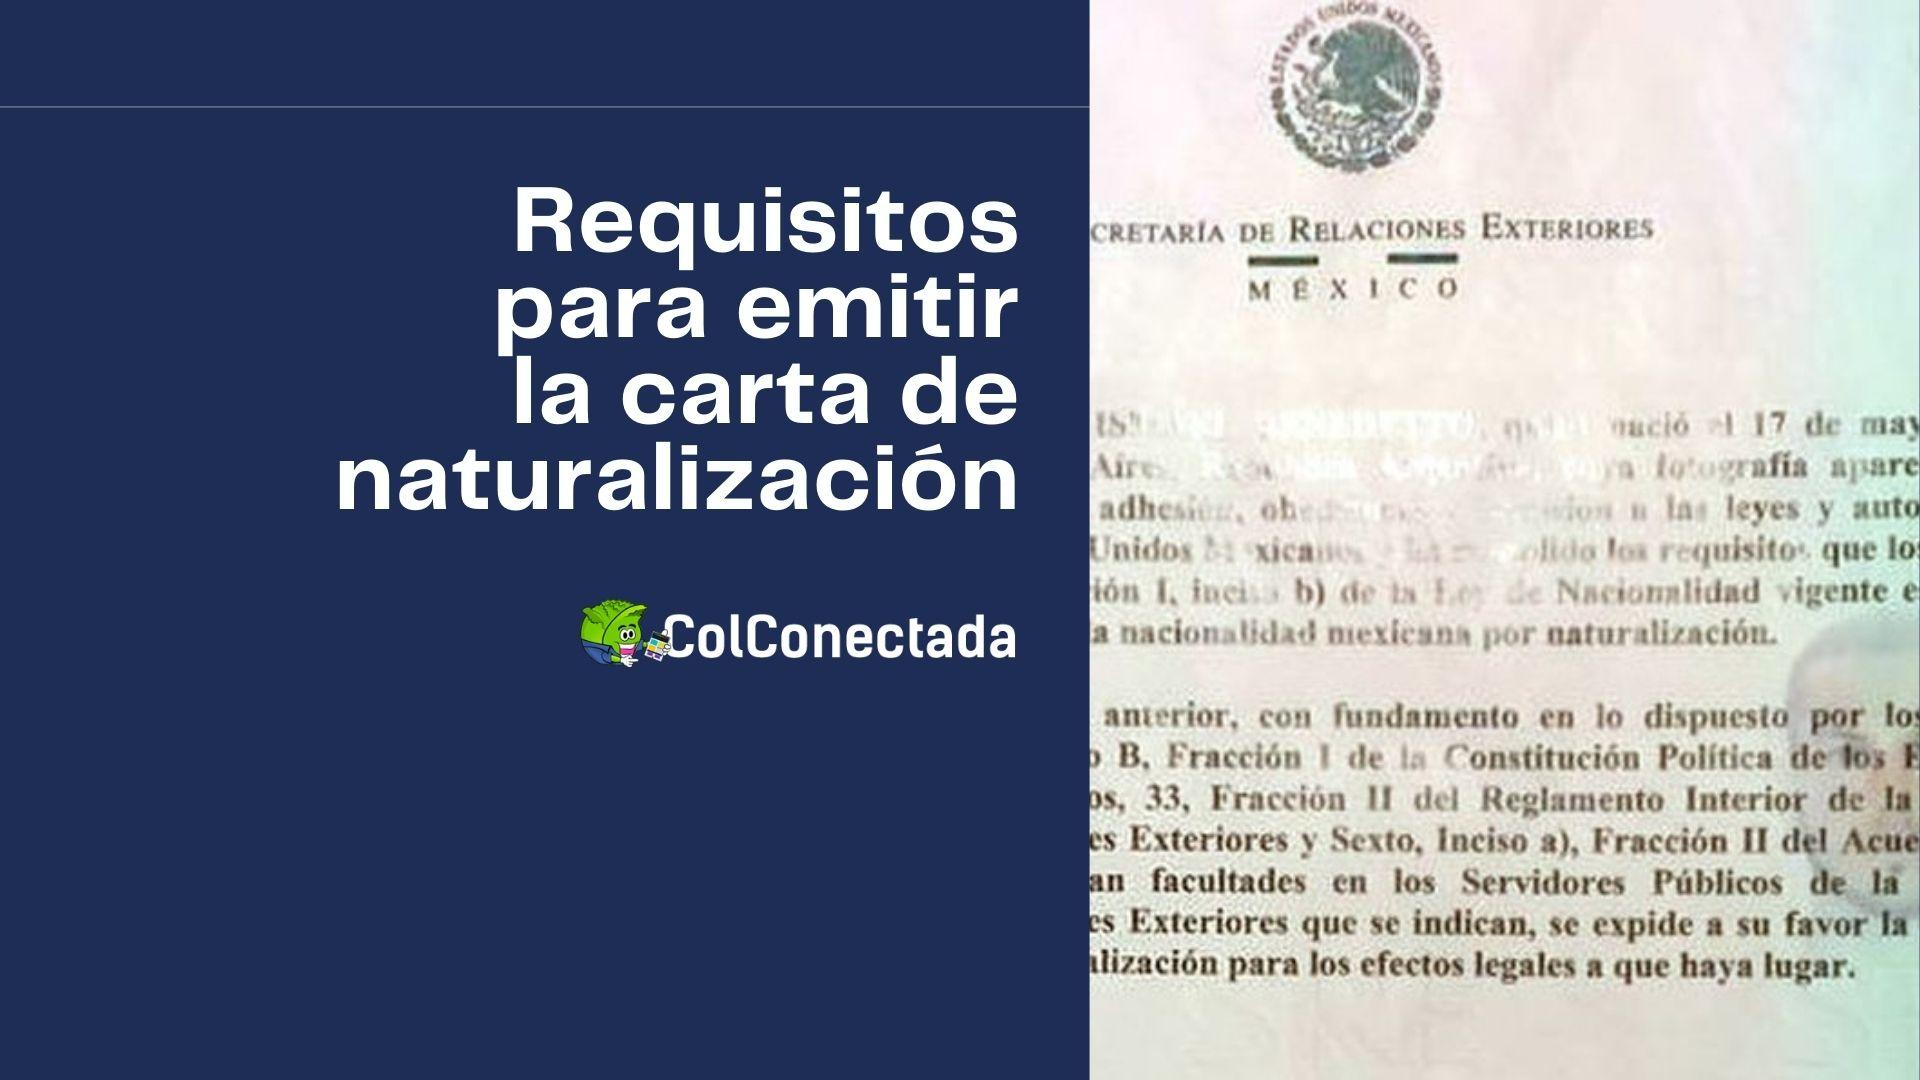 Emisión de la carta de naturalización para extranjeros 1